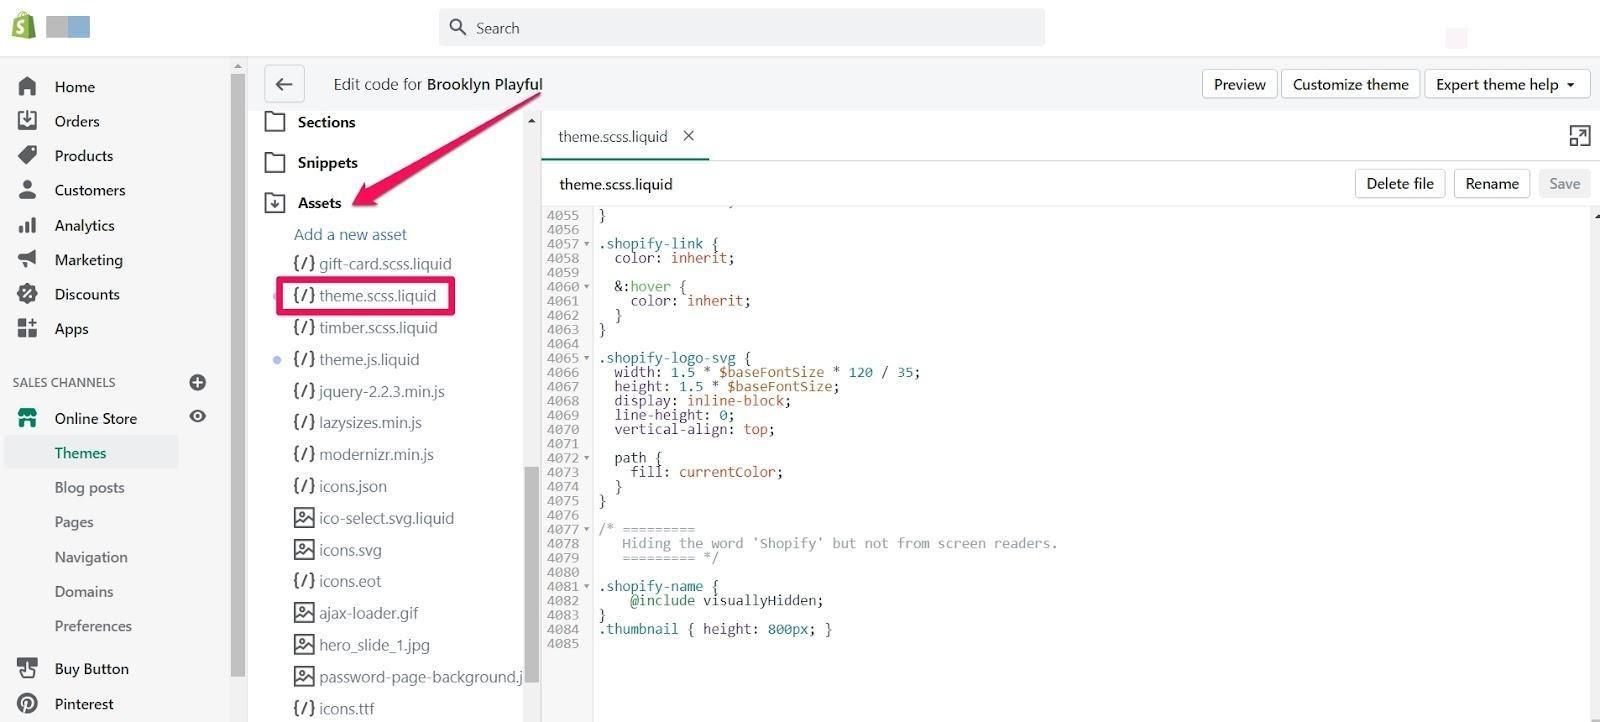 css code shopify theme edit